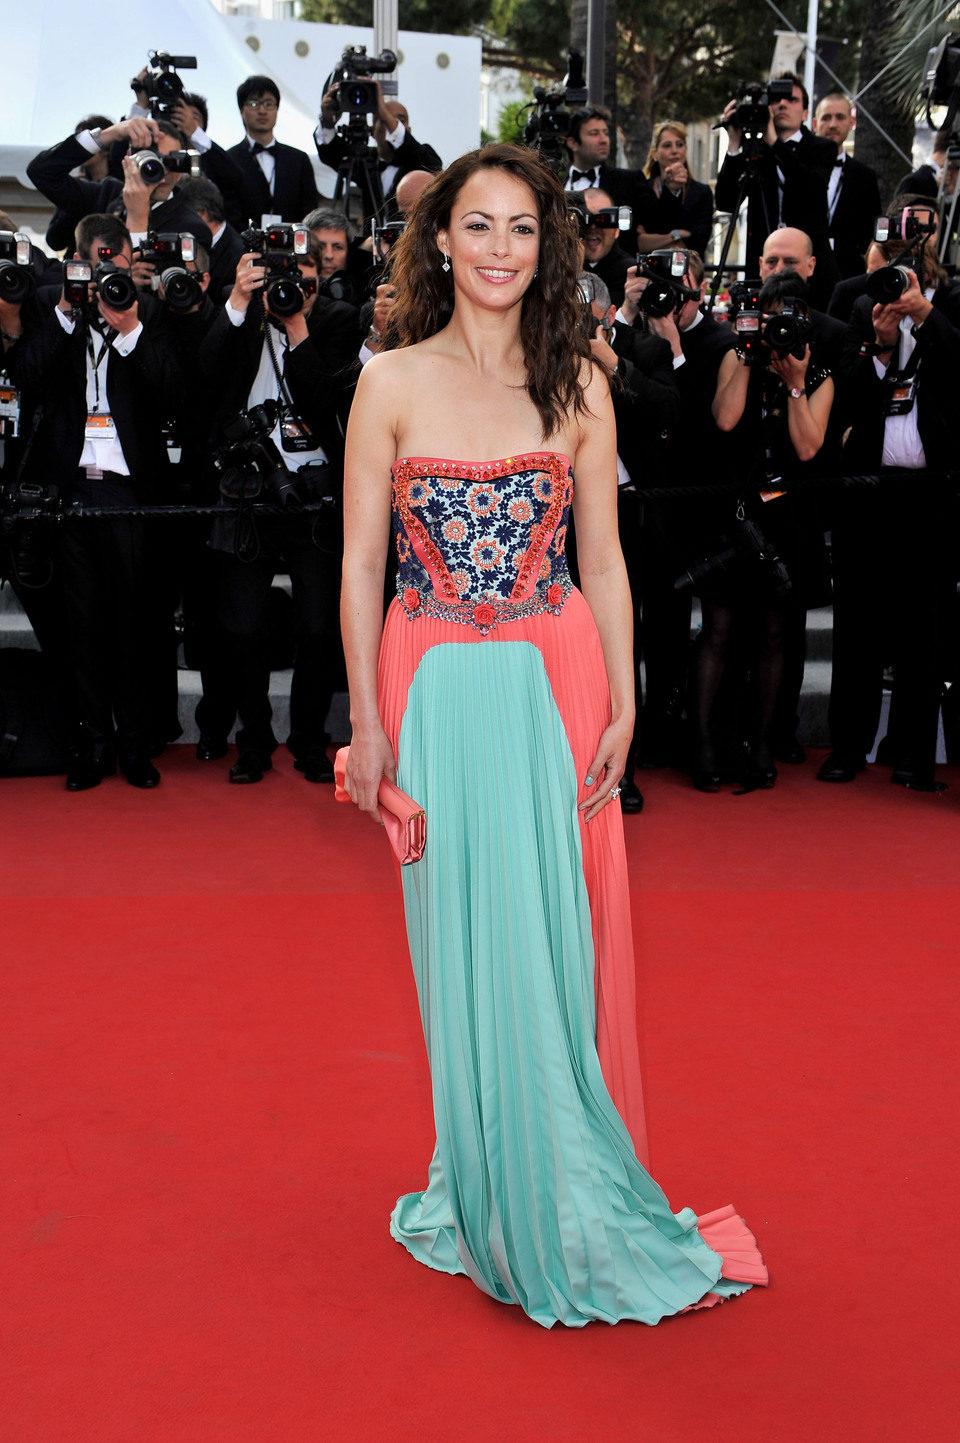 Bérénice Bejo en el Festival de Cannes 2012